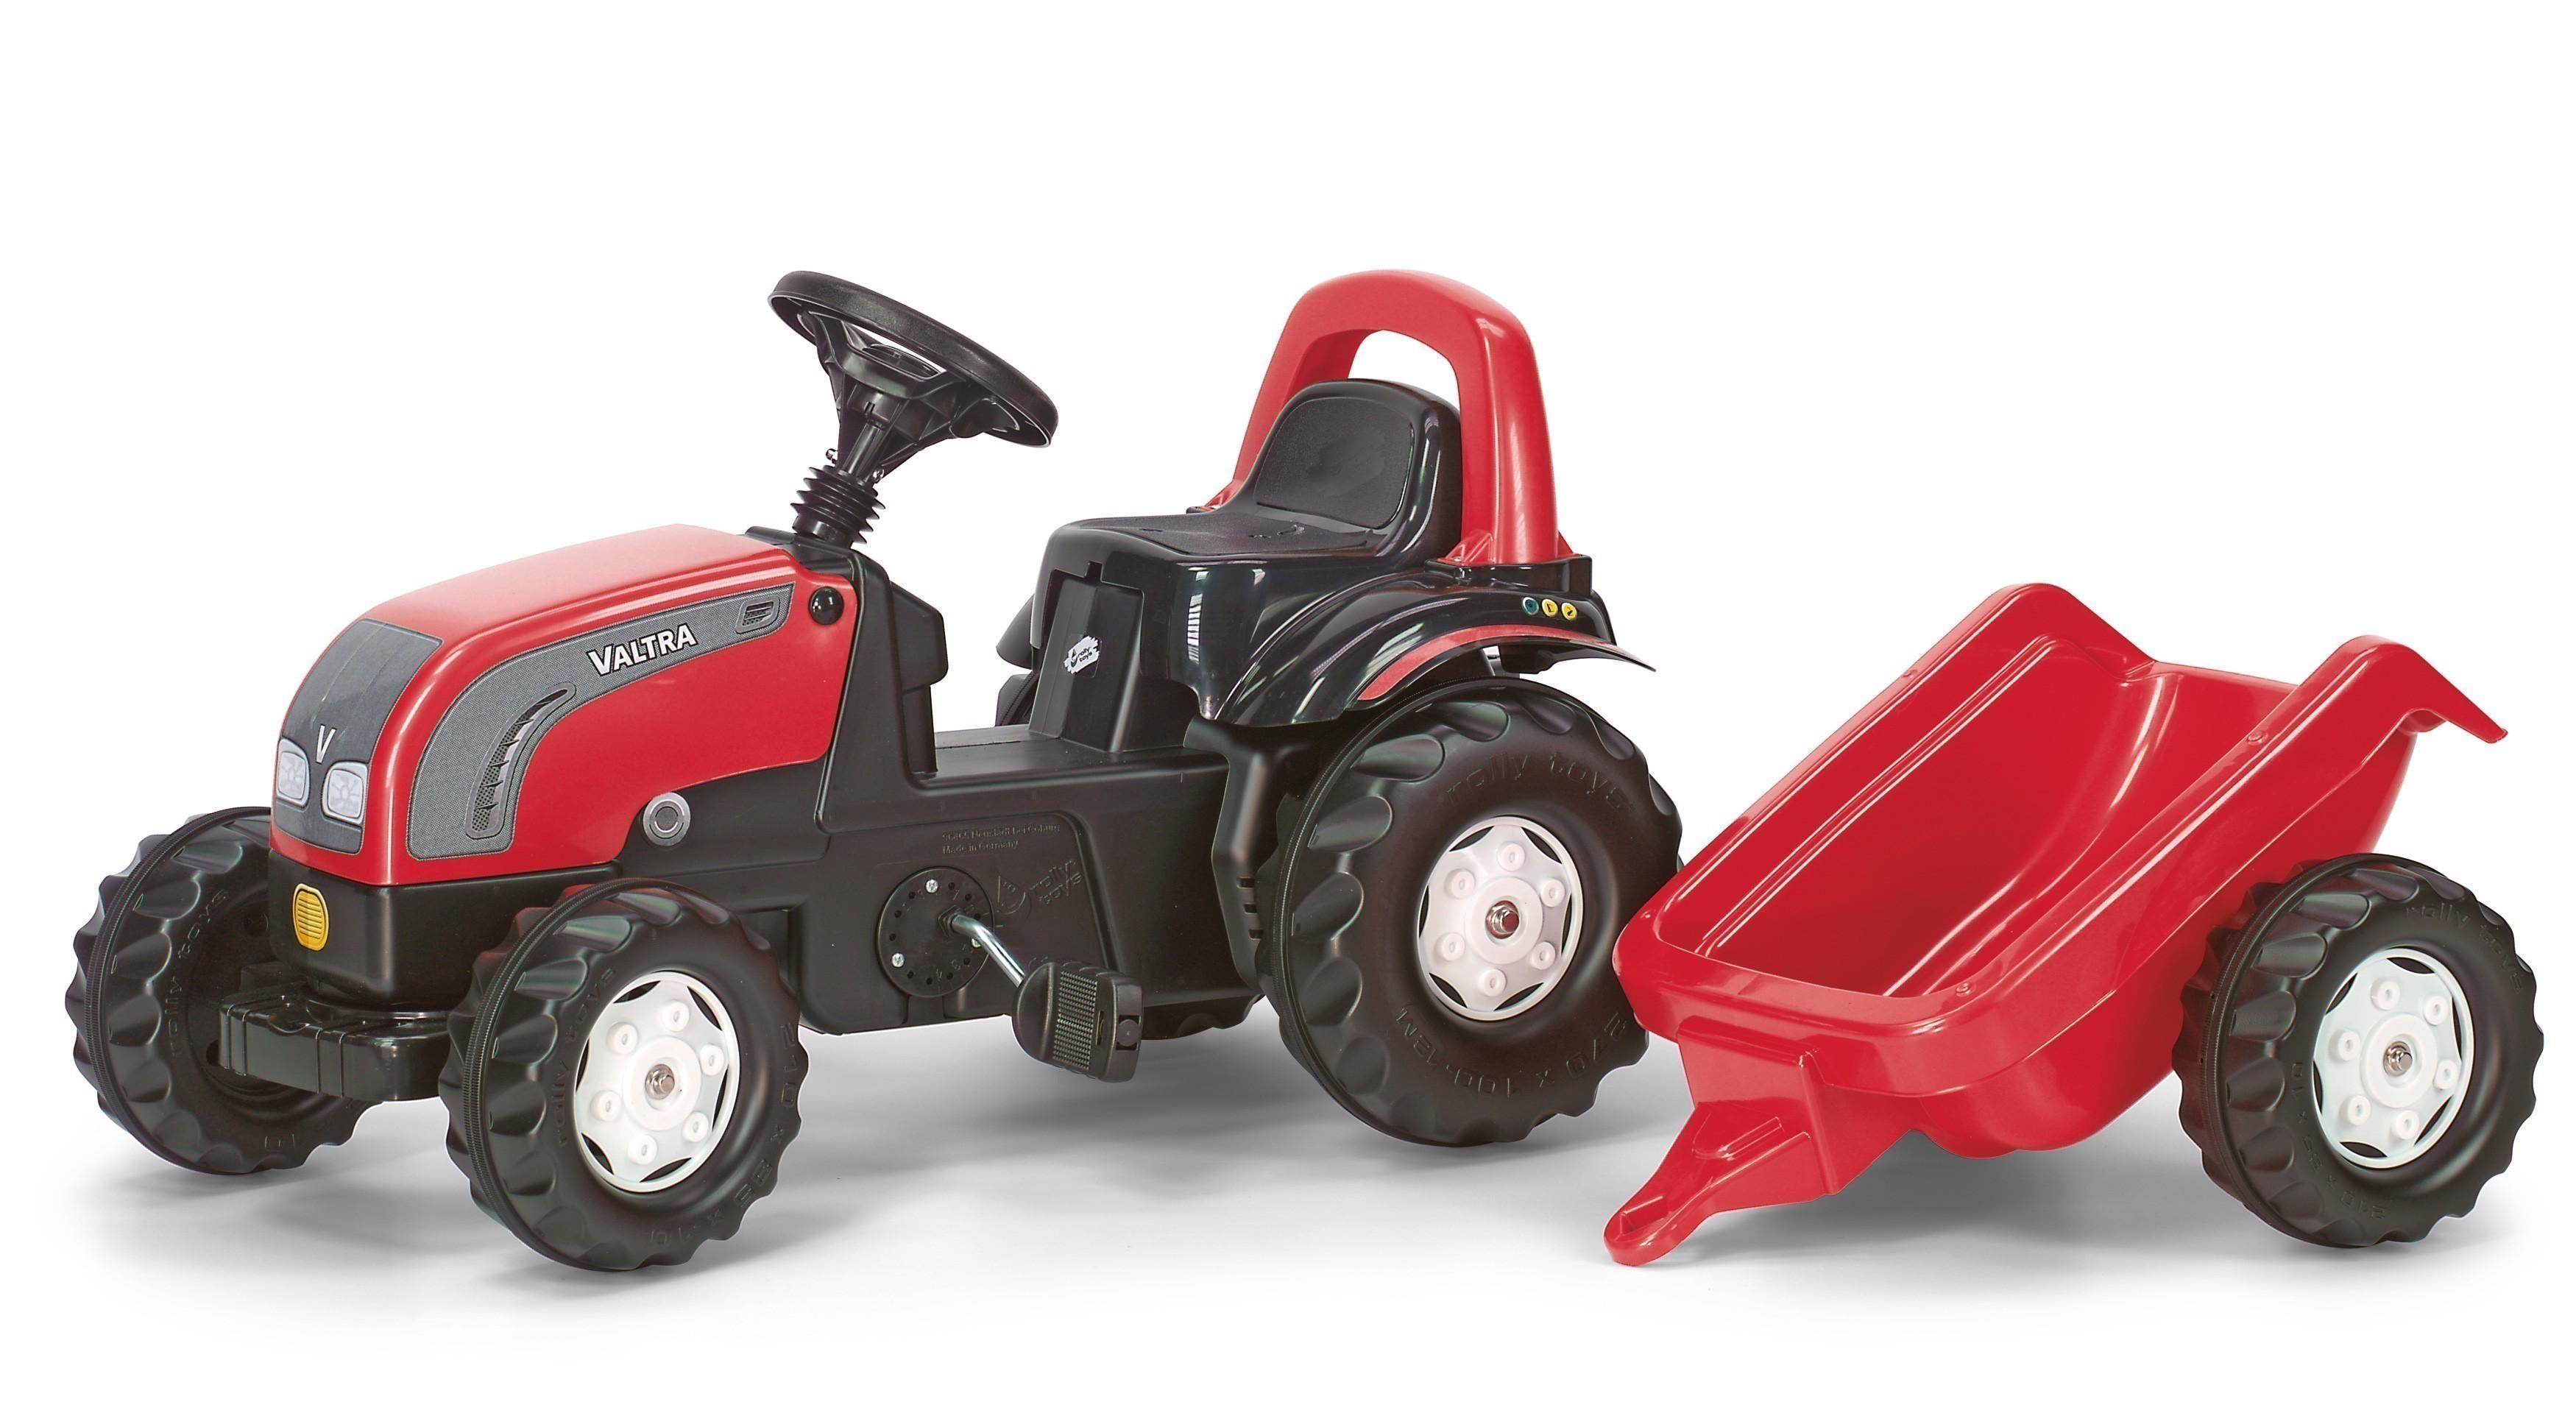 Trettraktor rolly Kid Valtra mit Anhänger - Rolly Toys Bild 1